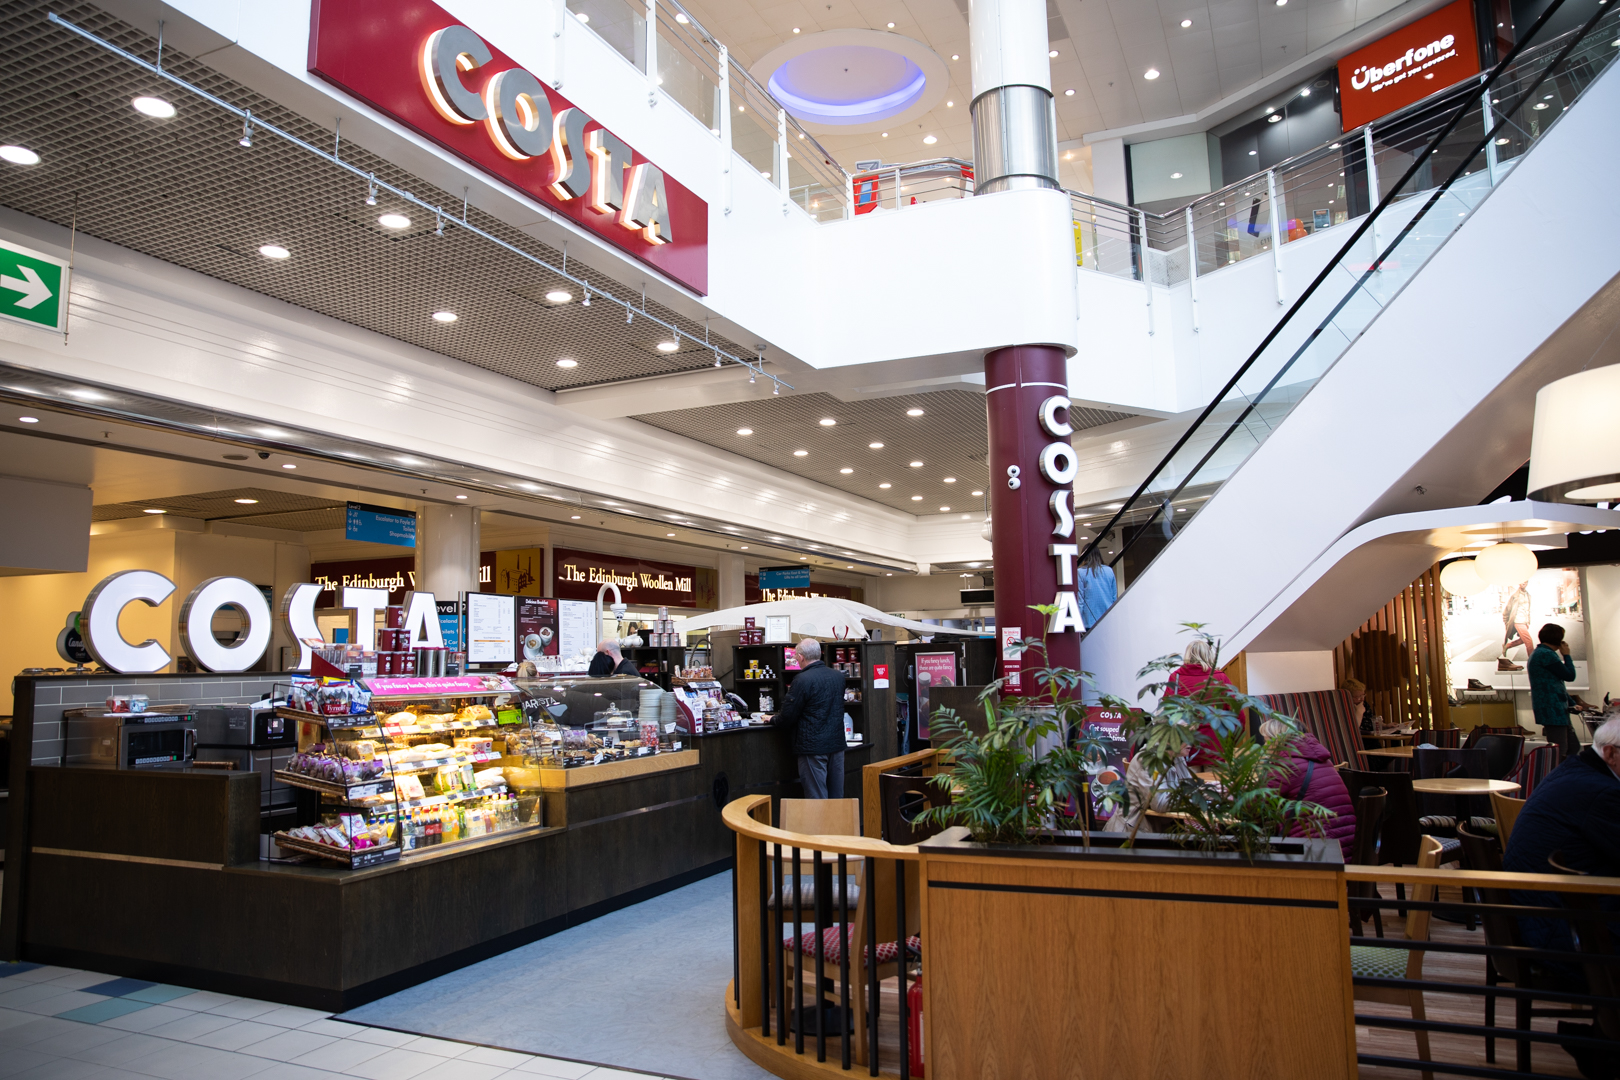 Foyleside Costa Coffee Foyleside